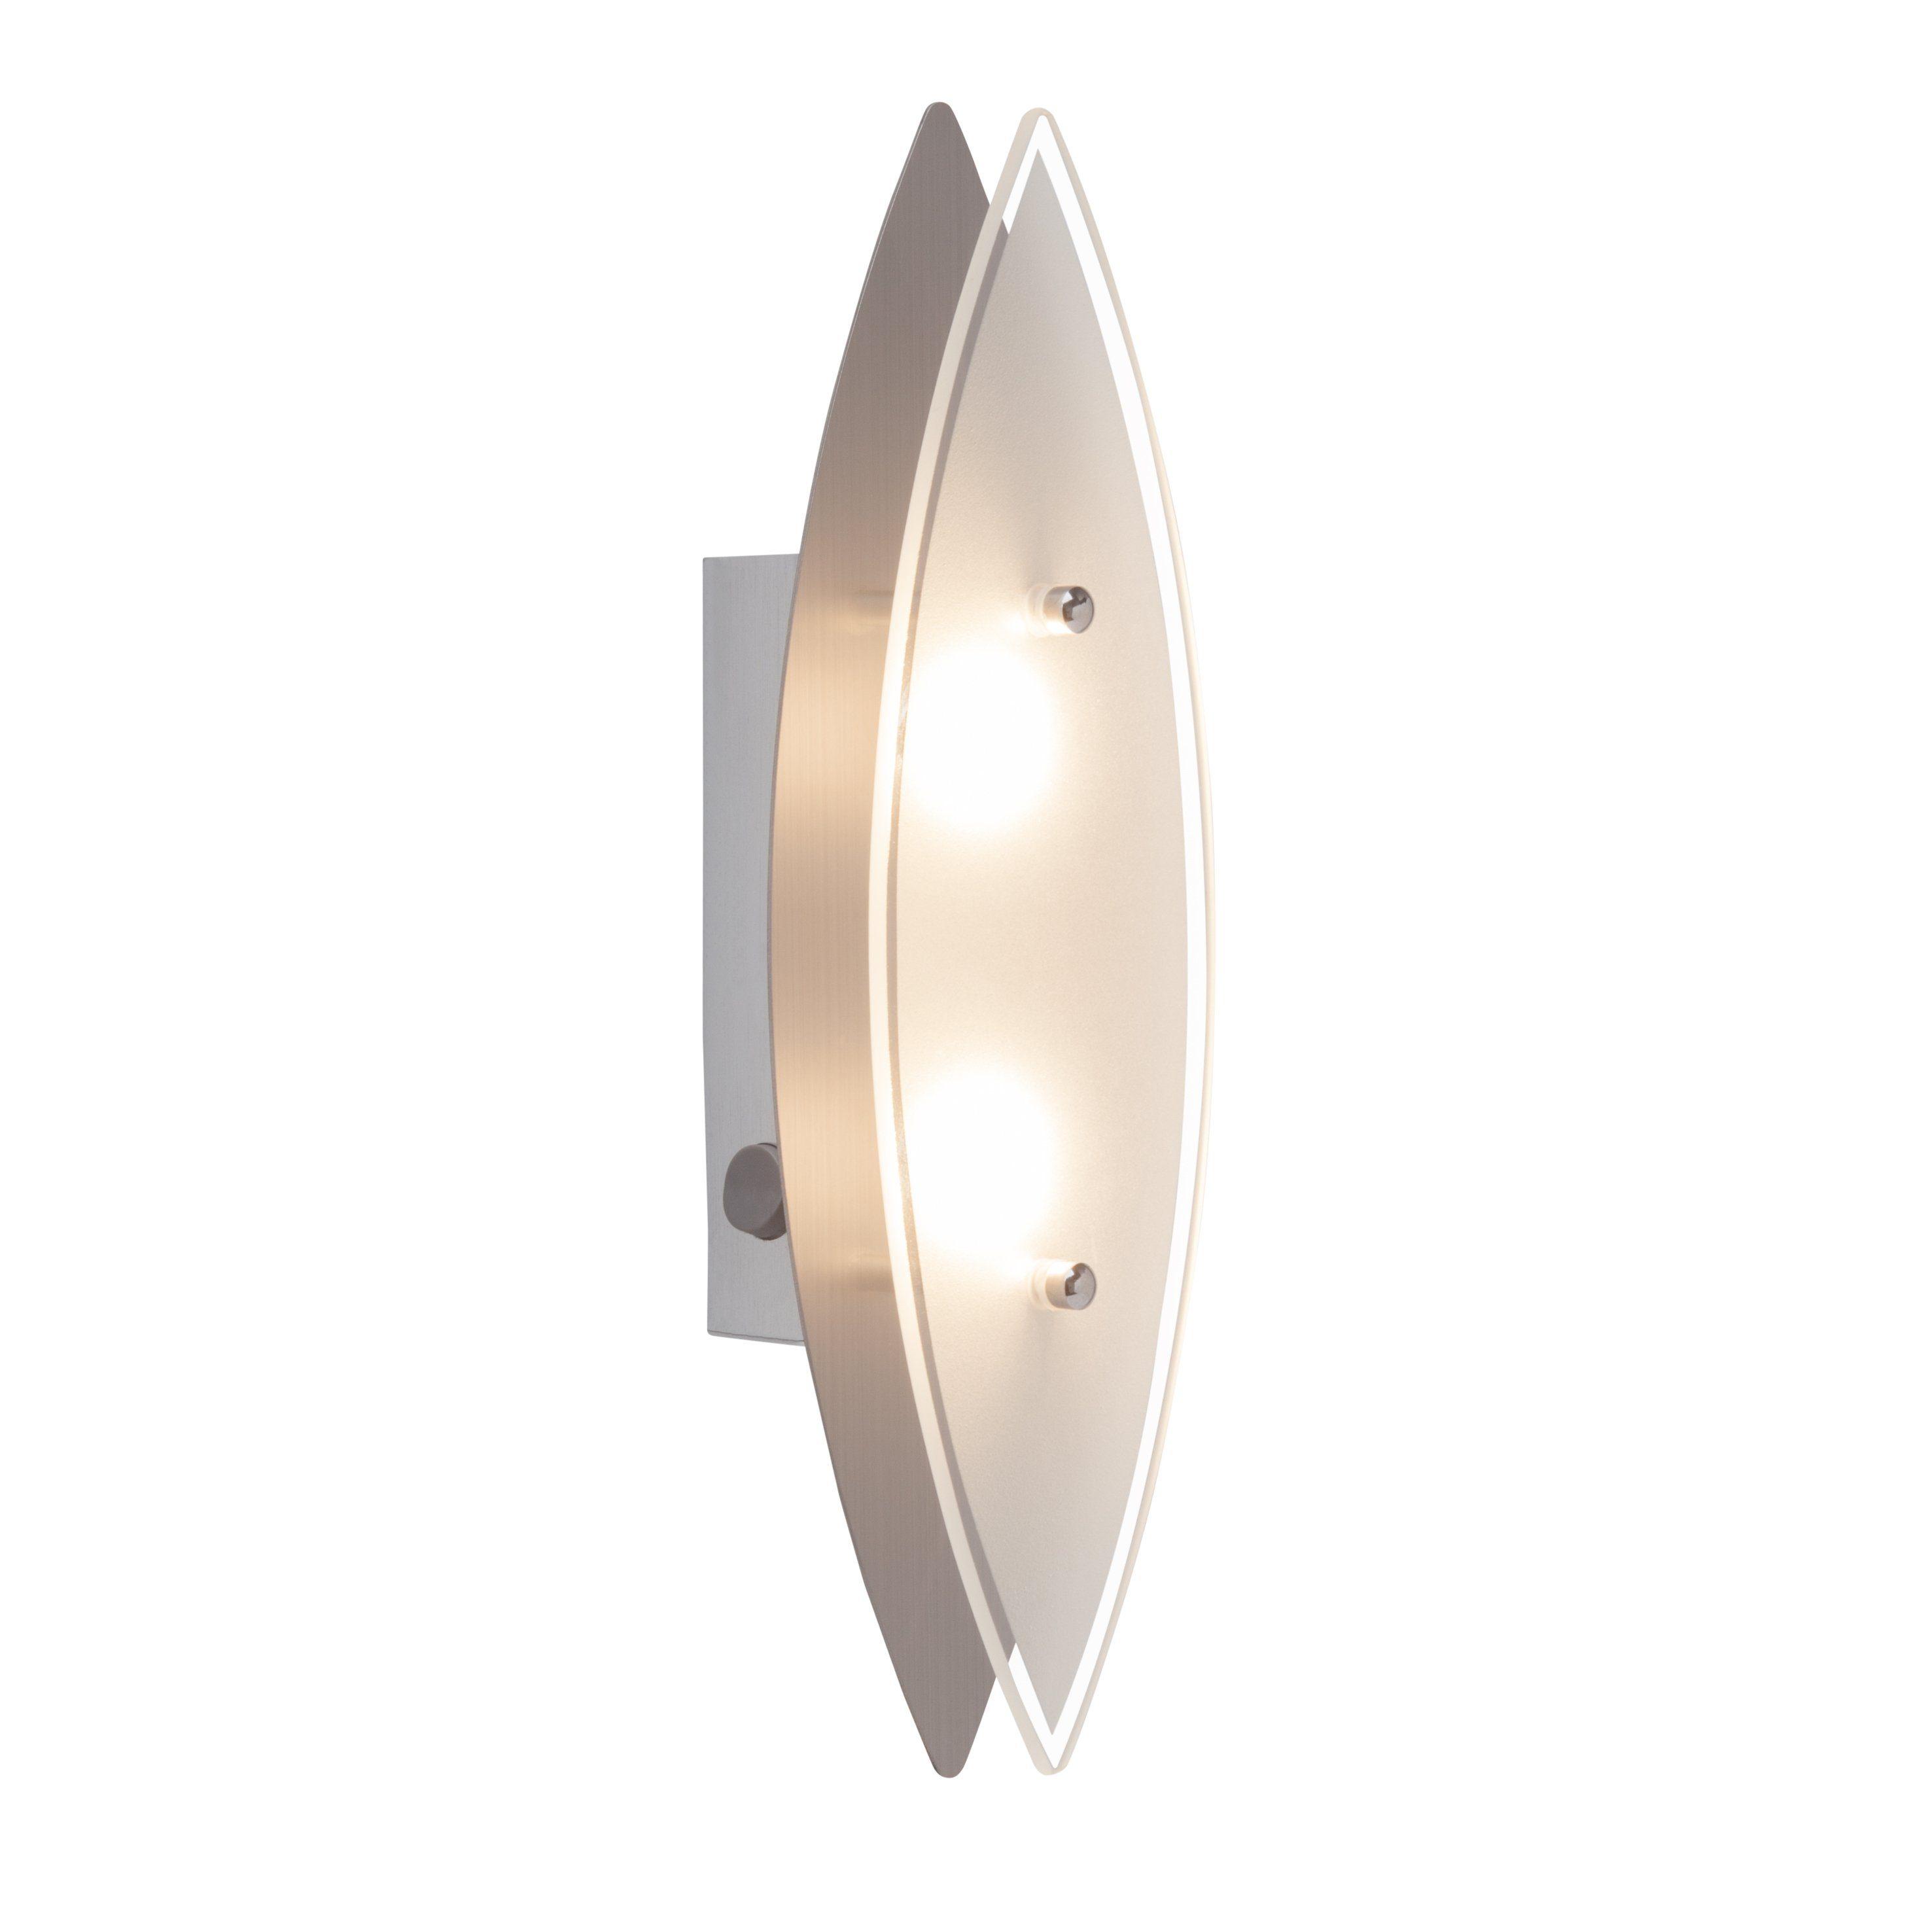 Brilliant Leuchten Oval LED Wand- und Deckenleuchte eisen